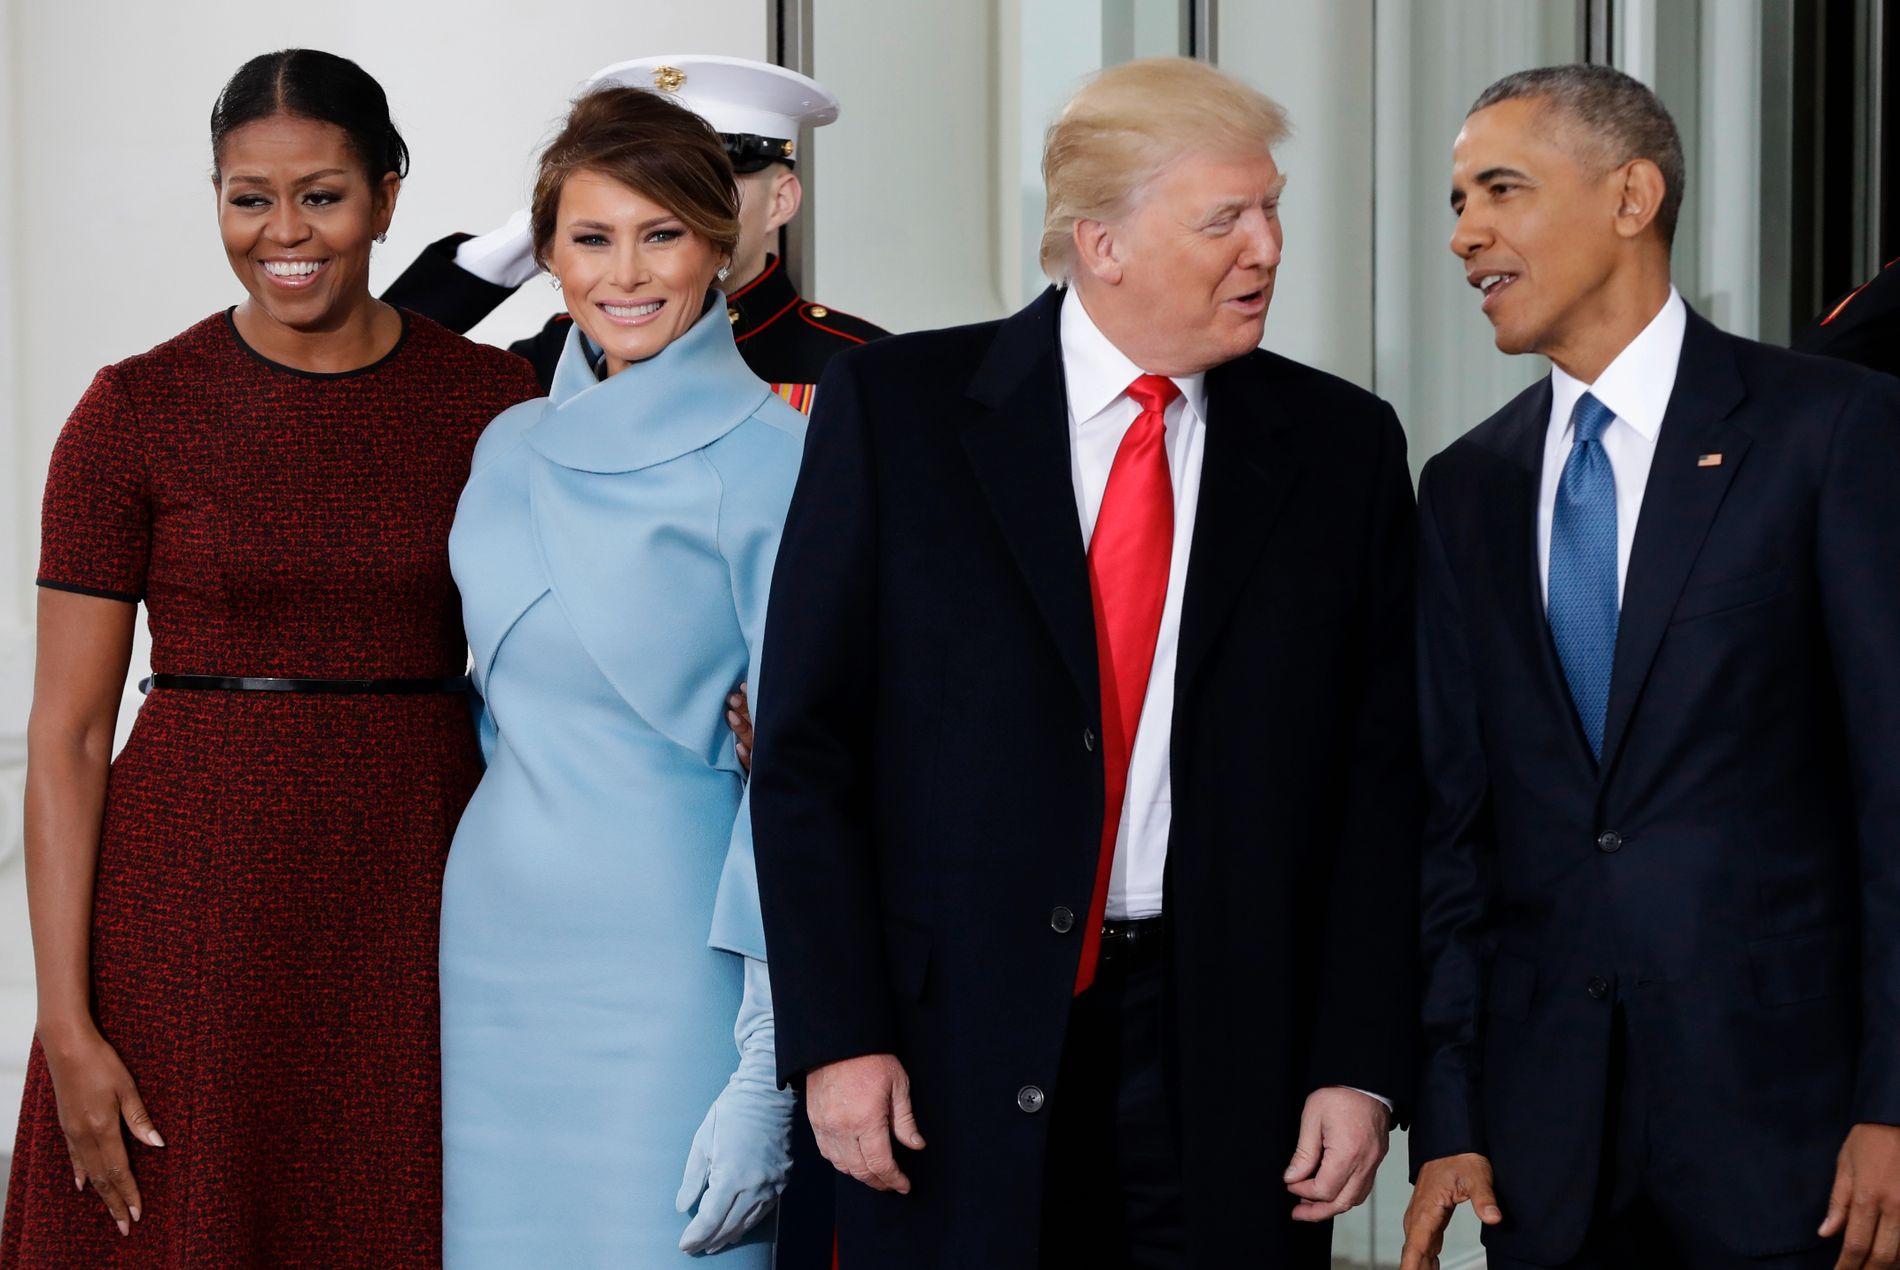 HOLDT MASKEN: Michelle Obama (t.v.) forteller i boken at hun jobbet med å holde masken på Trumps innsettelsesseremoni. Her er hun og Barack med Melania og Donald Trump utenfor Det hvite hus 20. januar 2017.